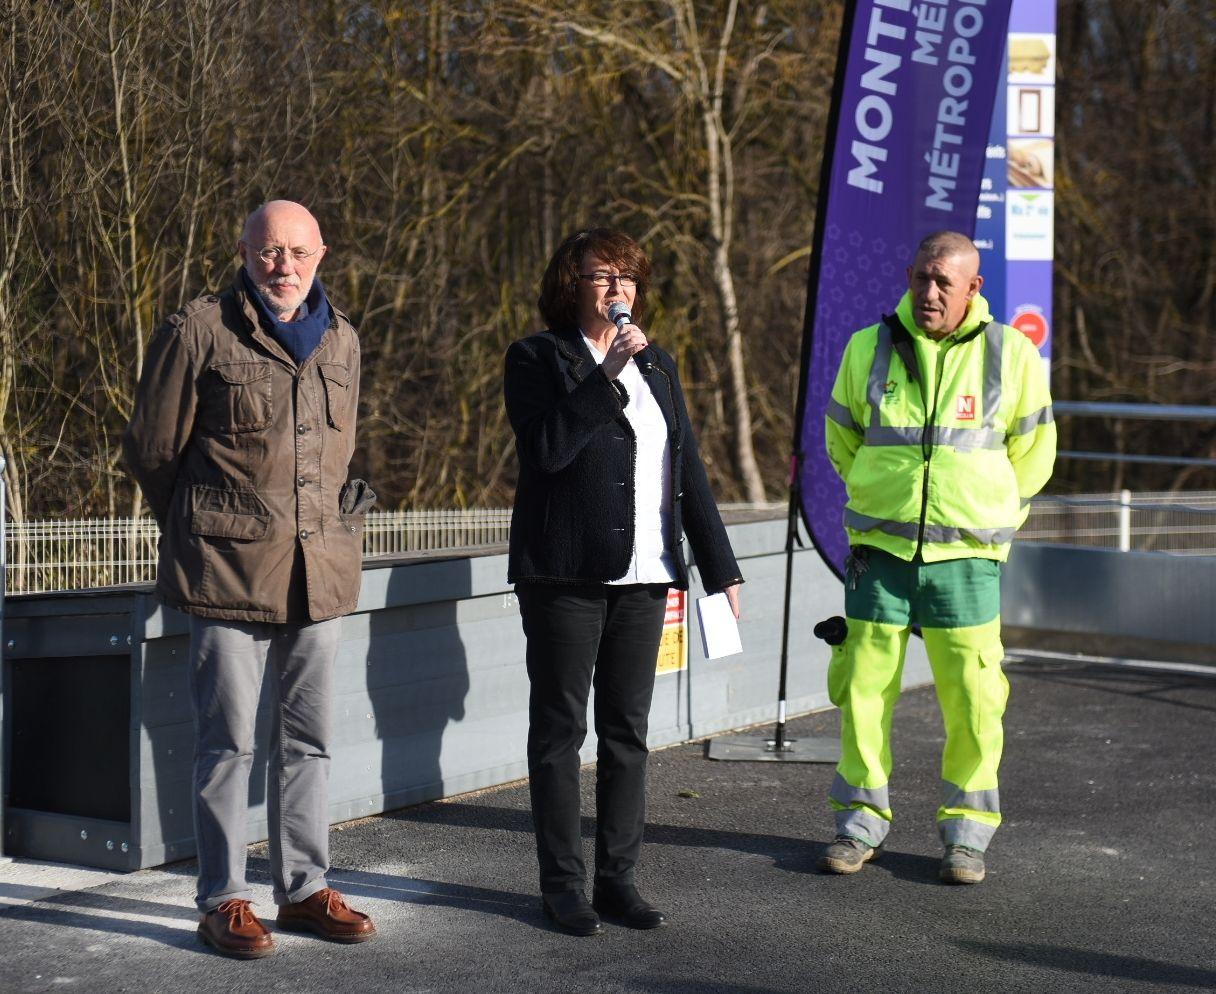 Les travaux de rénovation et de réhabilitation de la déchèterie de Lavérune ont été inaugurés